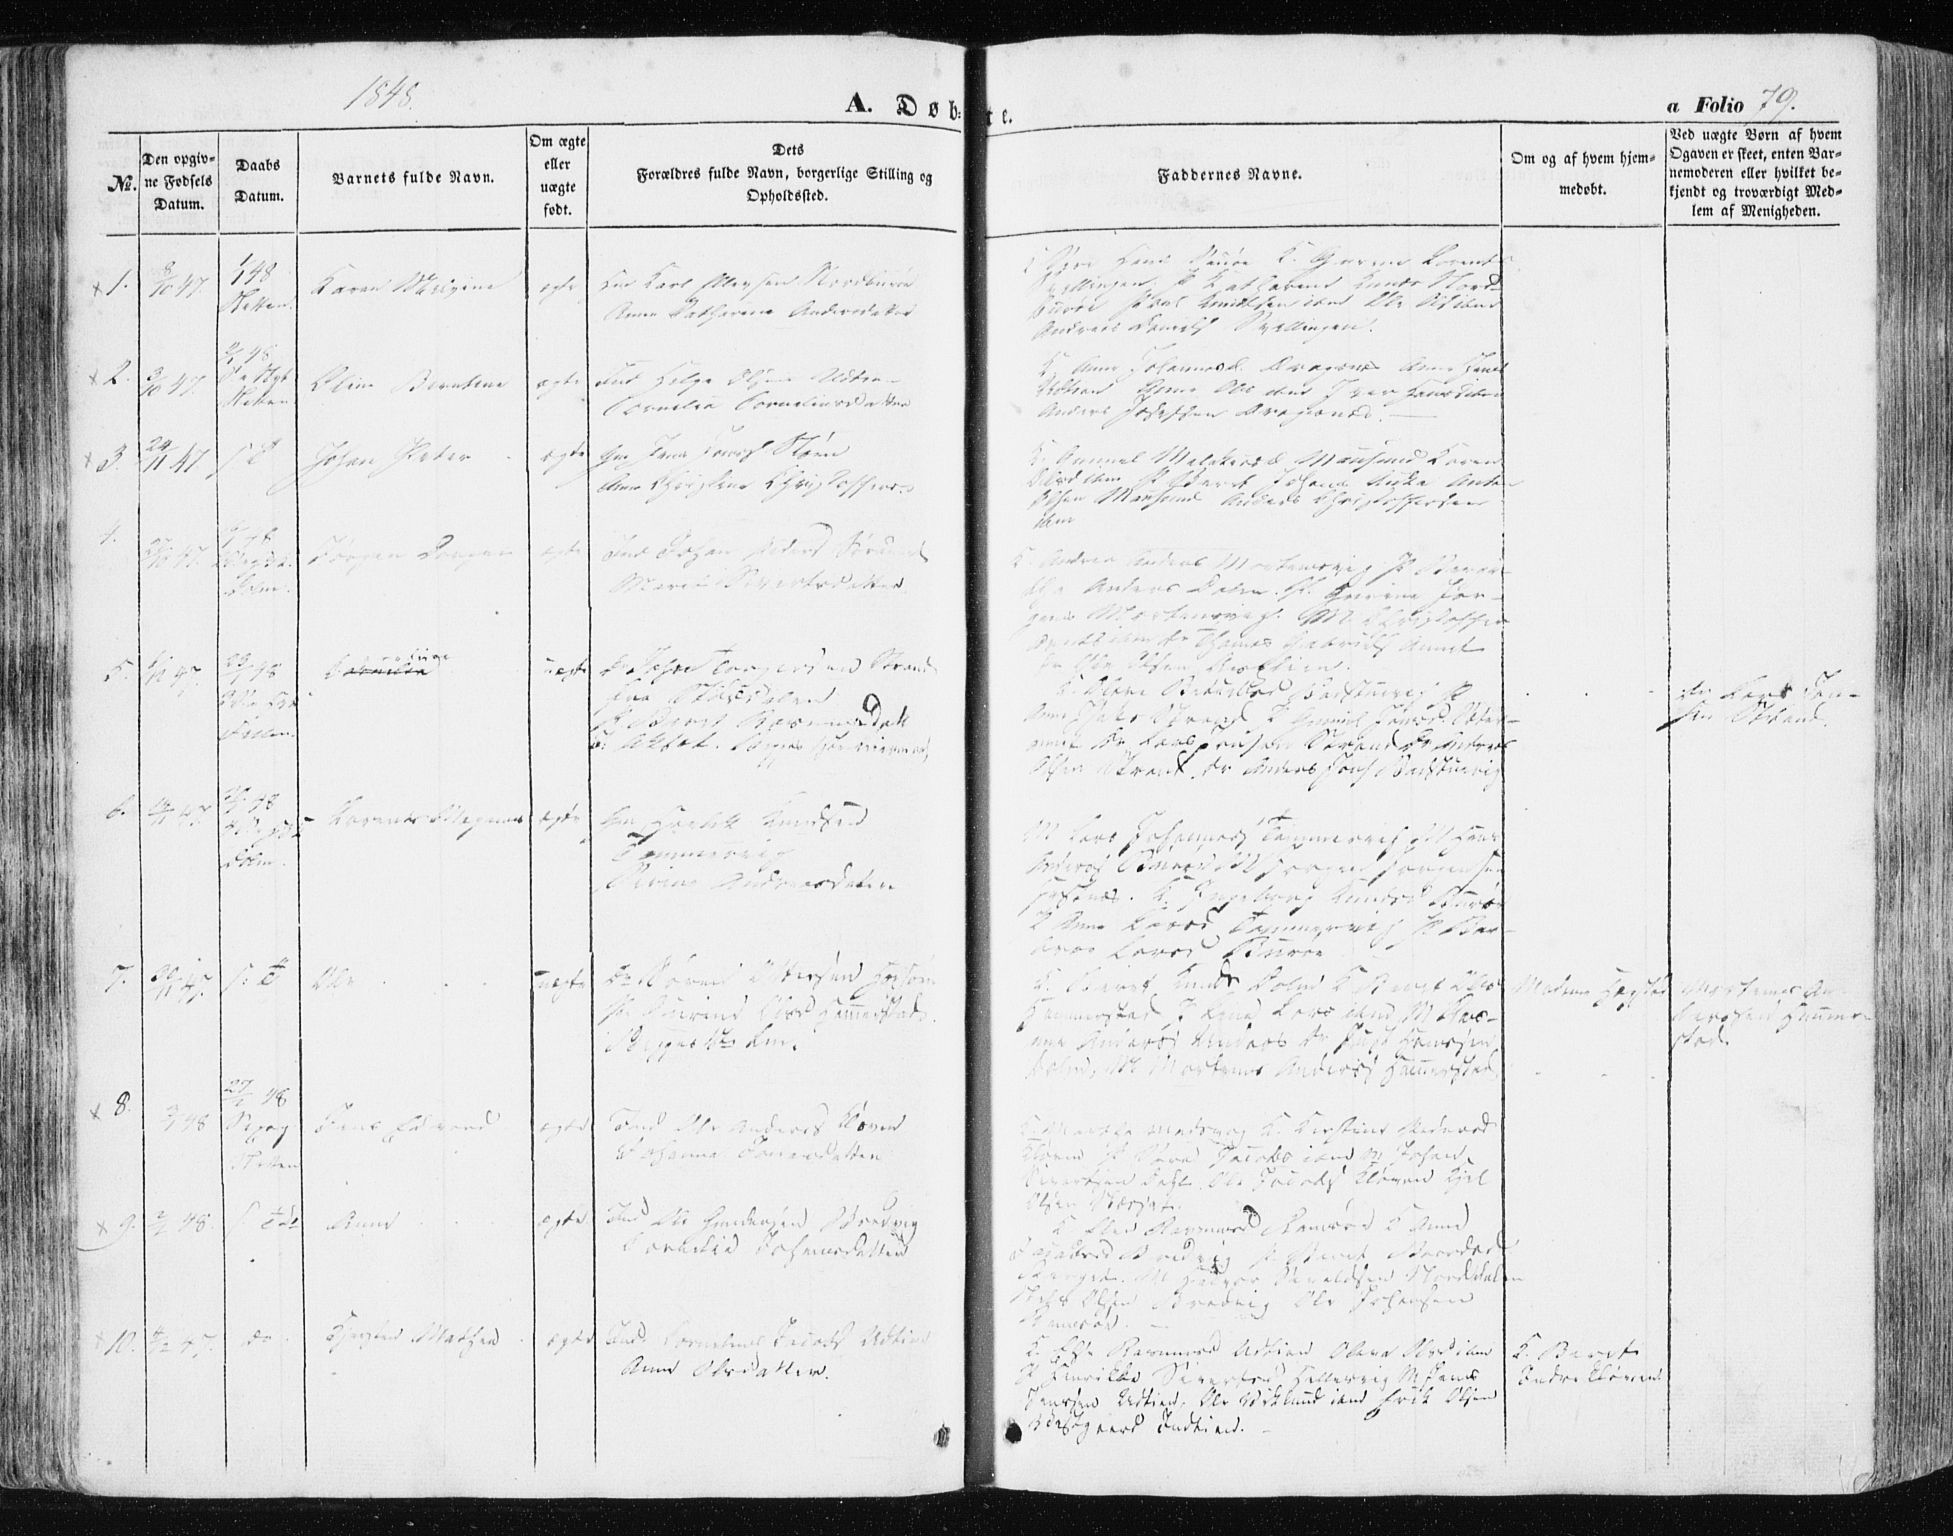 SAT, Ministerialprotokoller, klokkerbøker og fødselsregistre - Sør-Trøndelag, 634/L0529: Ministerialbok nr. 634A05, 1843-1851, s. 79